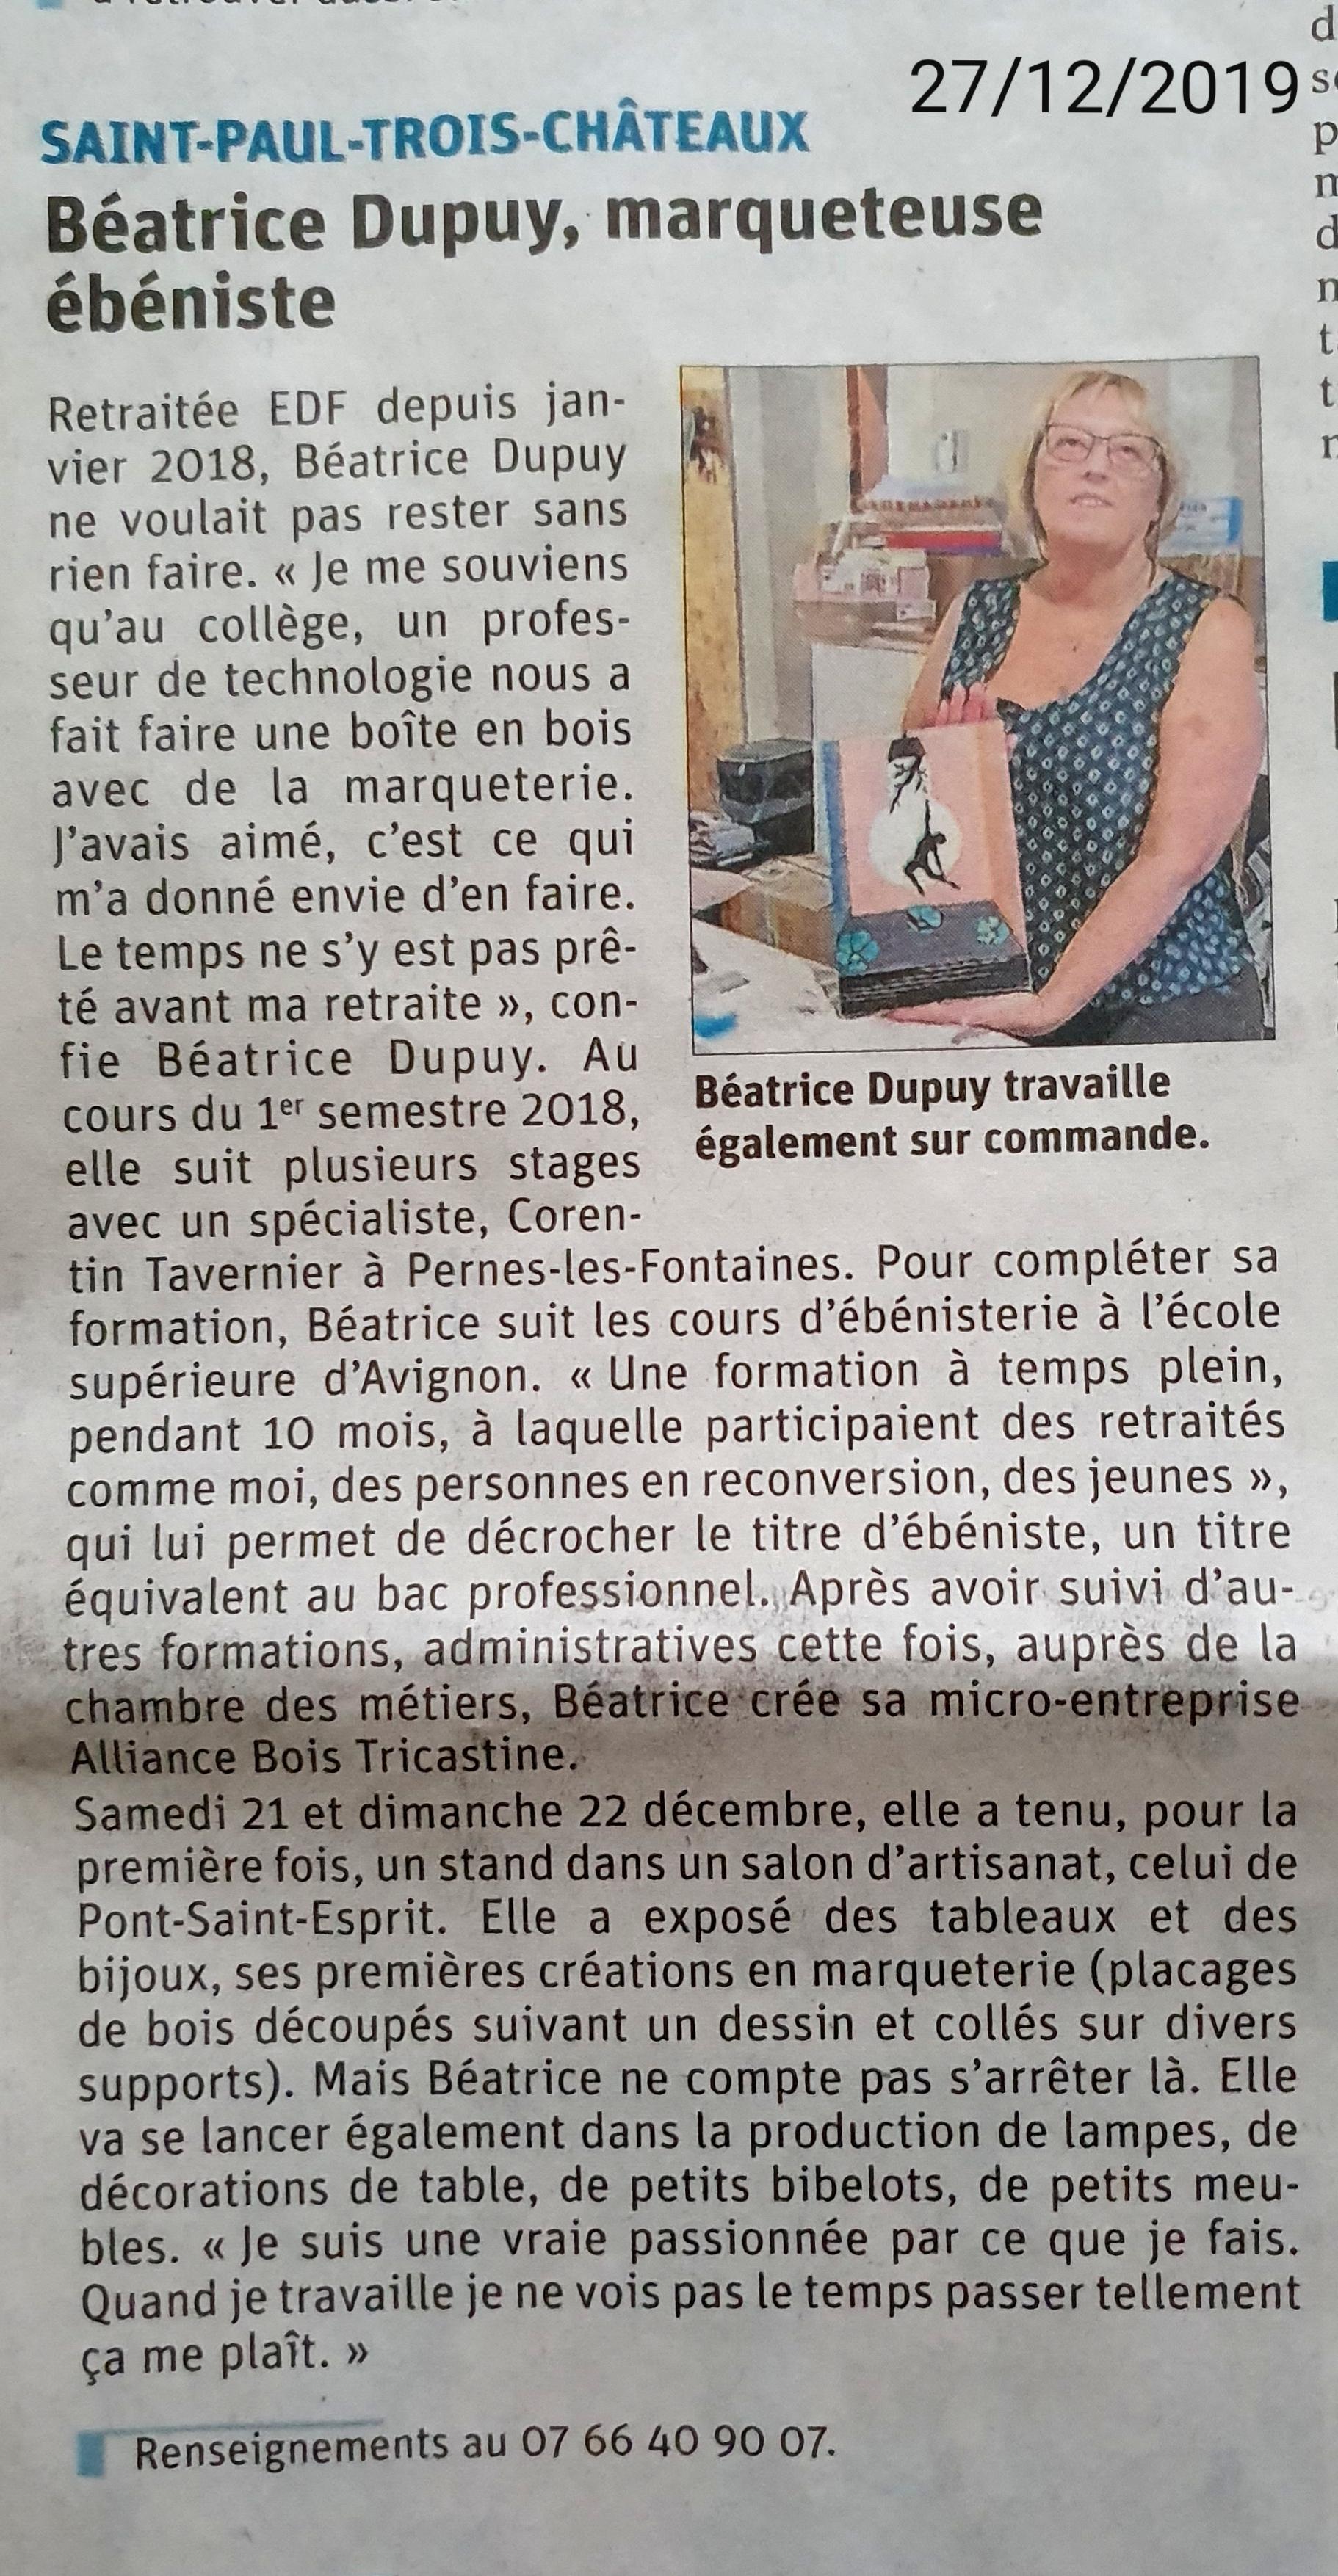 """Journal """"Le Dauphiné"""" - F. PREVOT - 26/12/2019"""